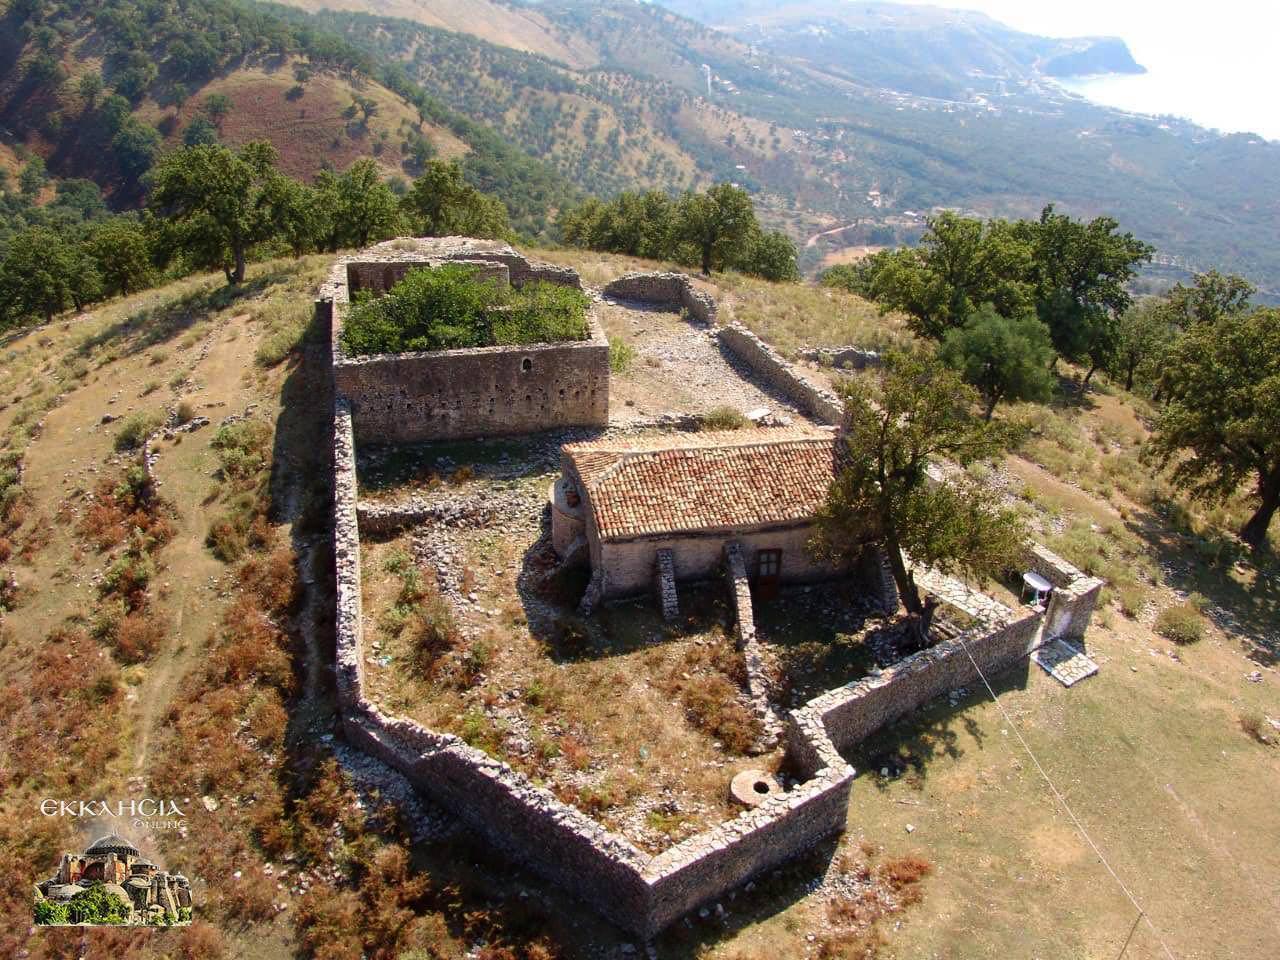 ερειπωμένα ιστορικά μοναστήρια Χειμμάρα